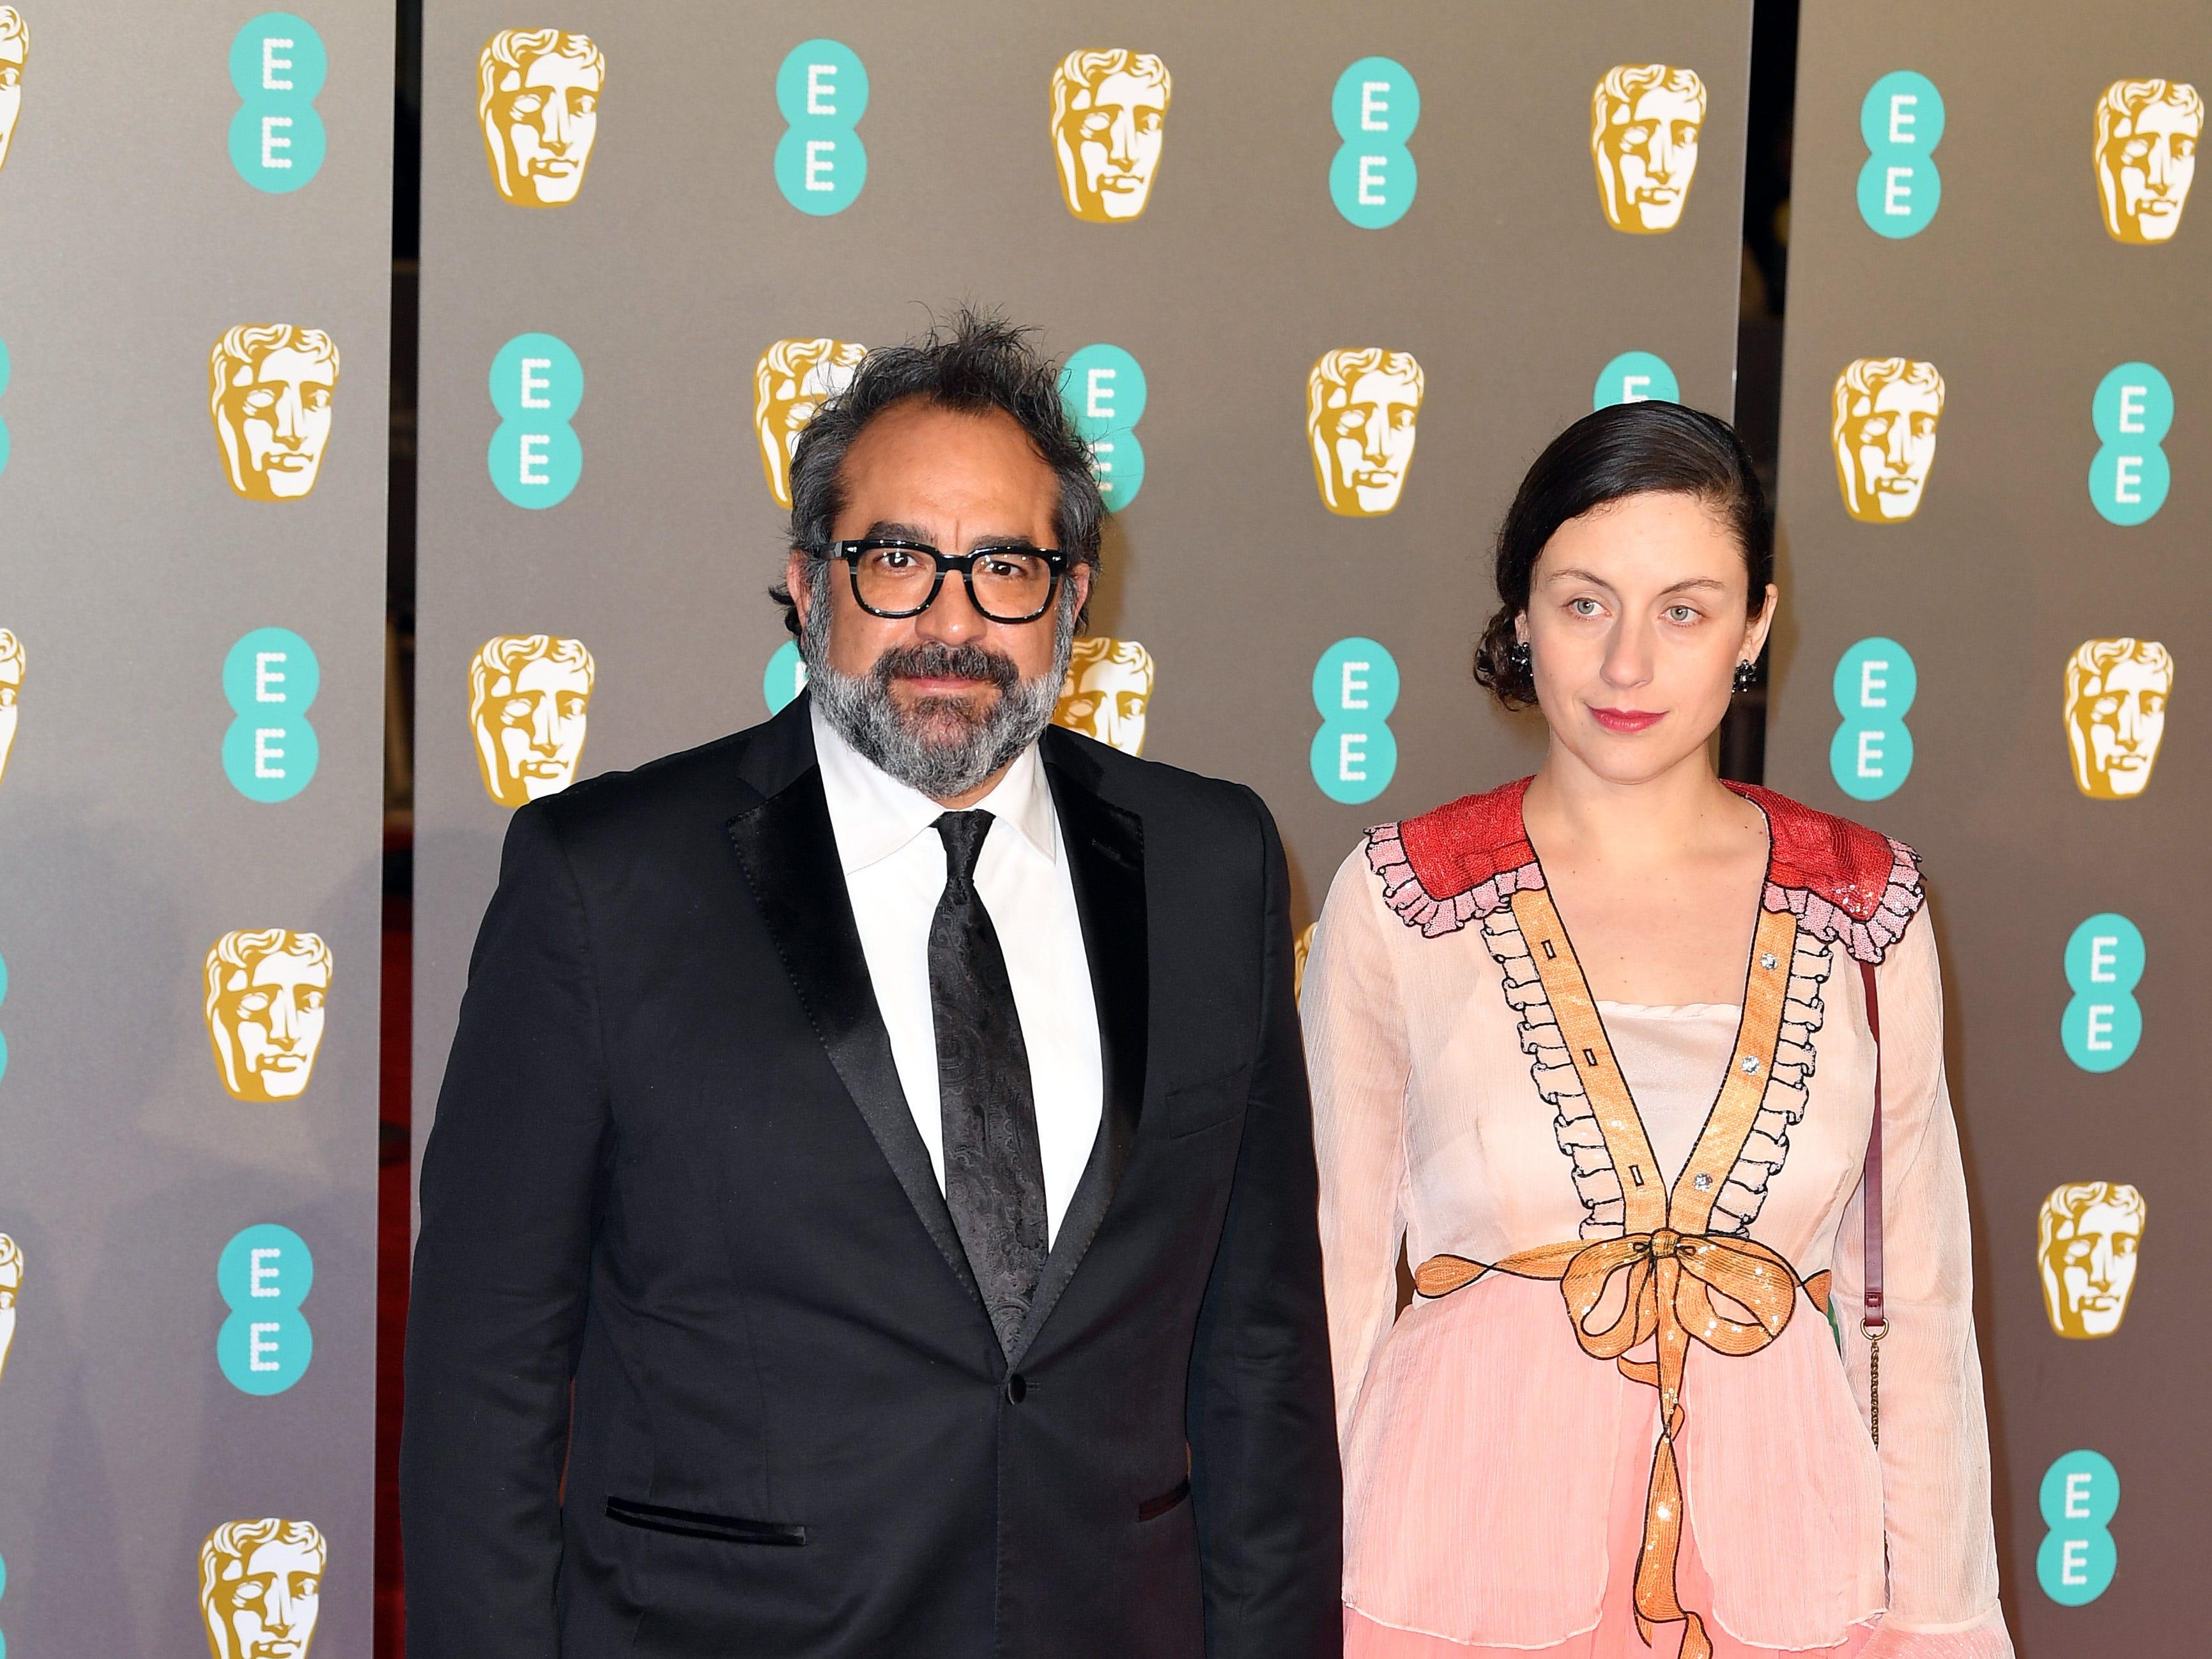 Eugenio Caballero a su llegada a la alfombra roja de los Premios de la Academia Británica de Cine BAFTA en el Royal Albert Hall en Londres el 10 de febrero de 2019.